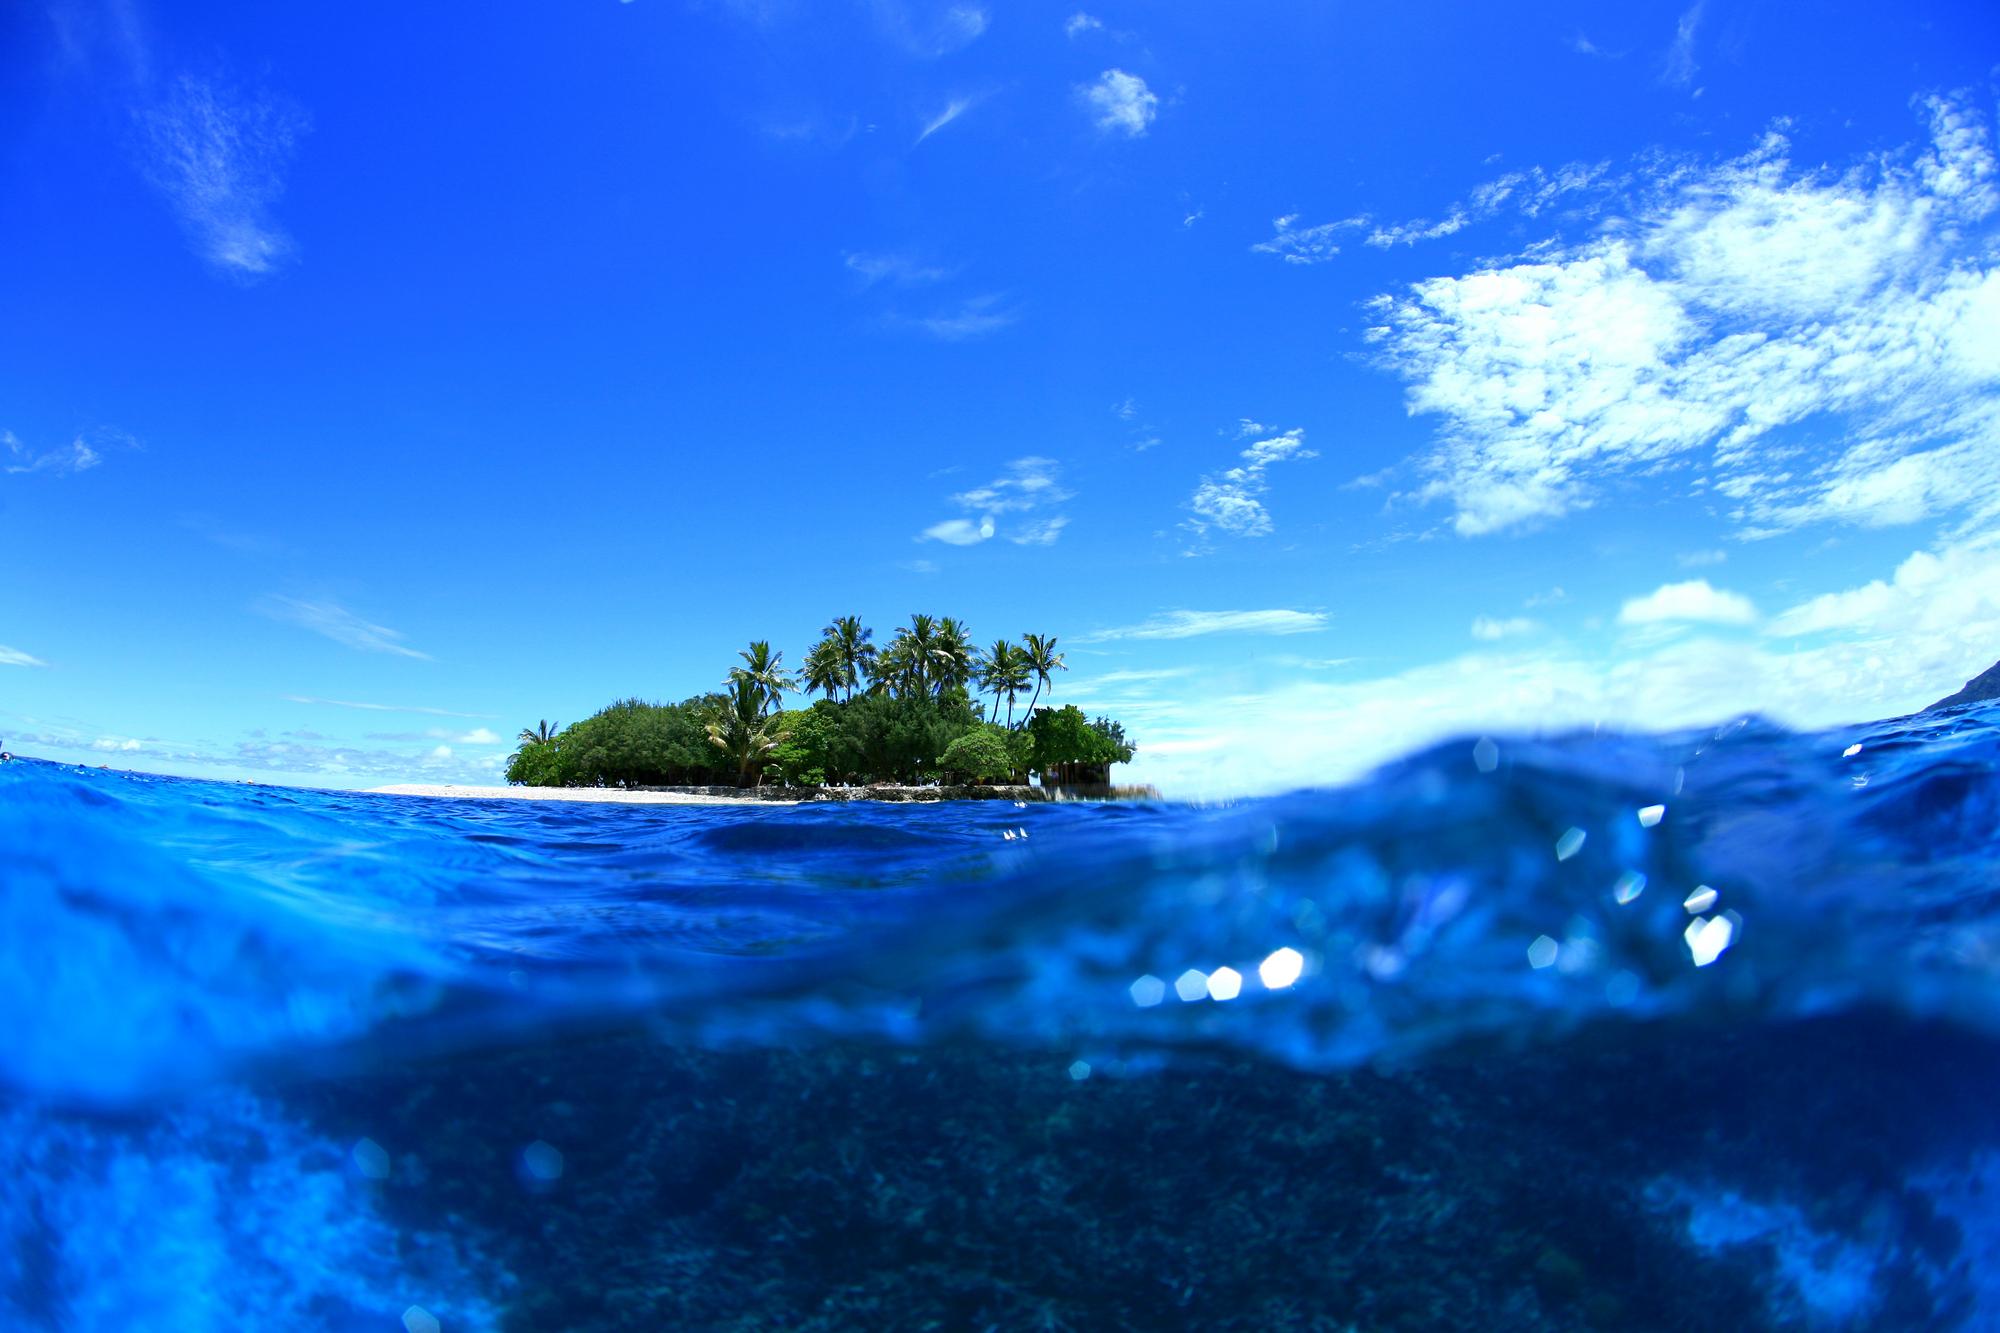 青い海と浮かぶ島